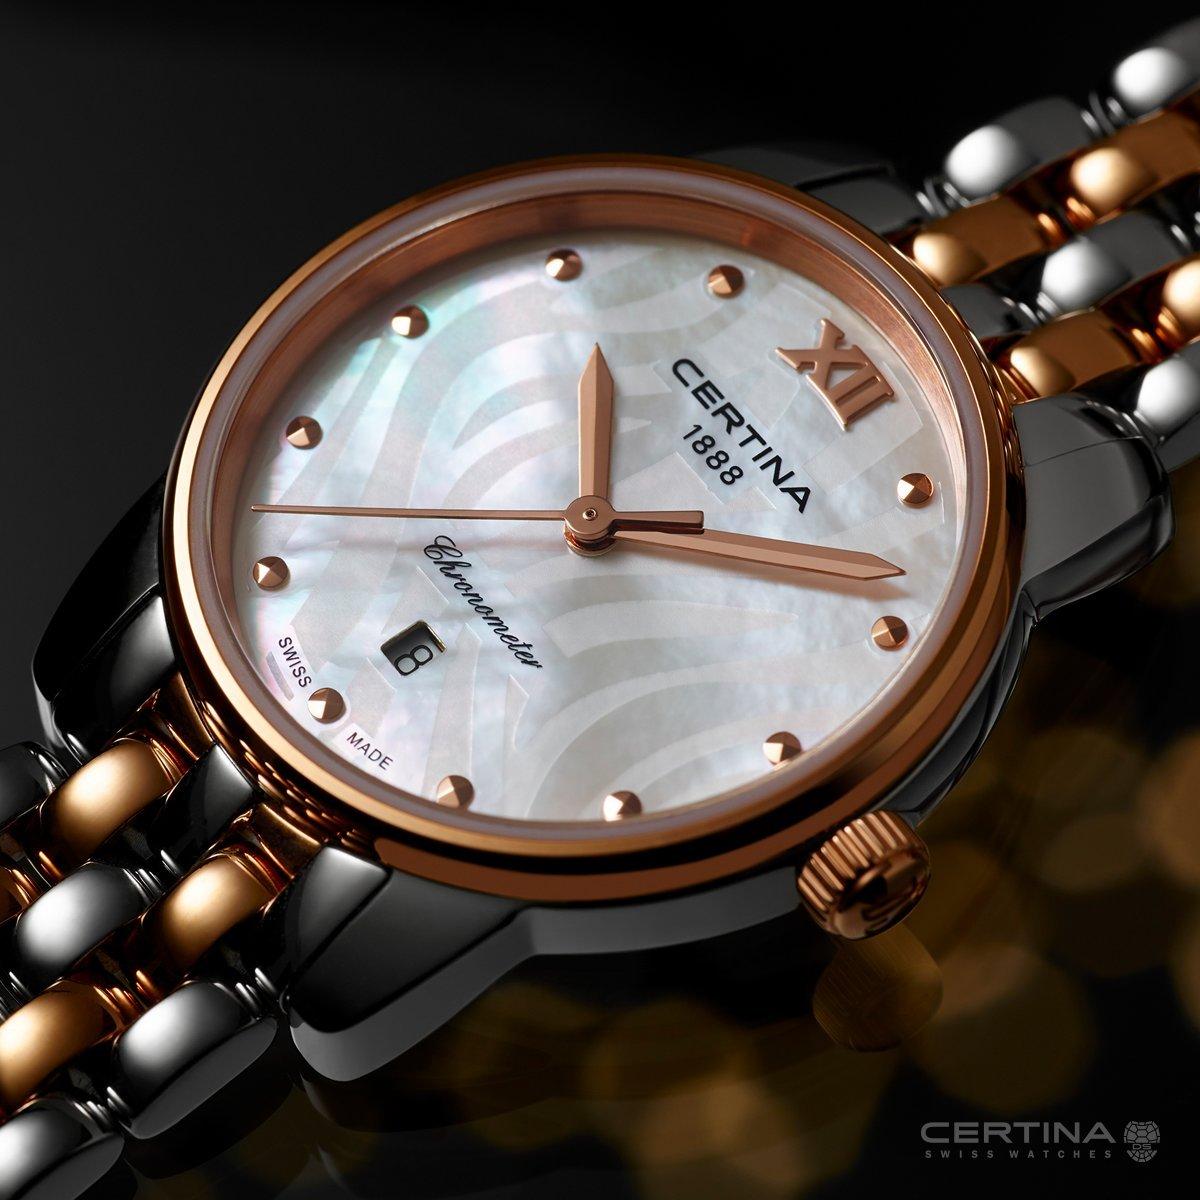 Niezwykły zegarek Certina C033.051.22.118.00 DS-8 z mieniącą się tarczą z masy perłowej i stalowej bransolety oraz koperty w kolorze srebra i złotego różu.